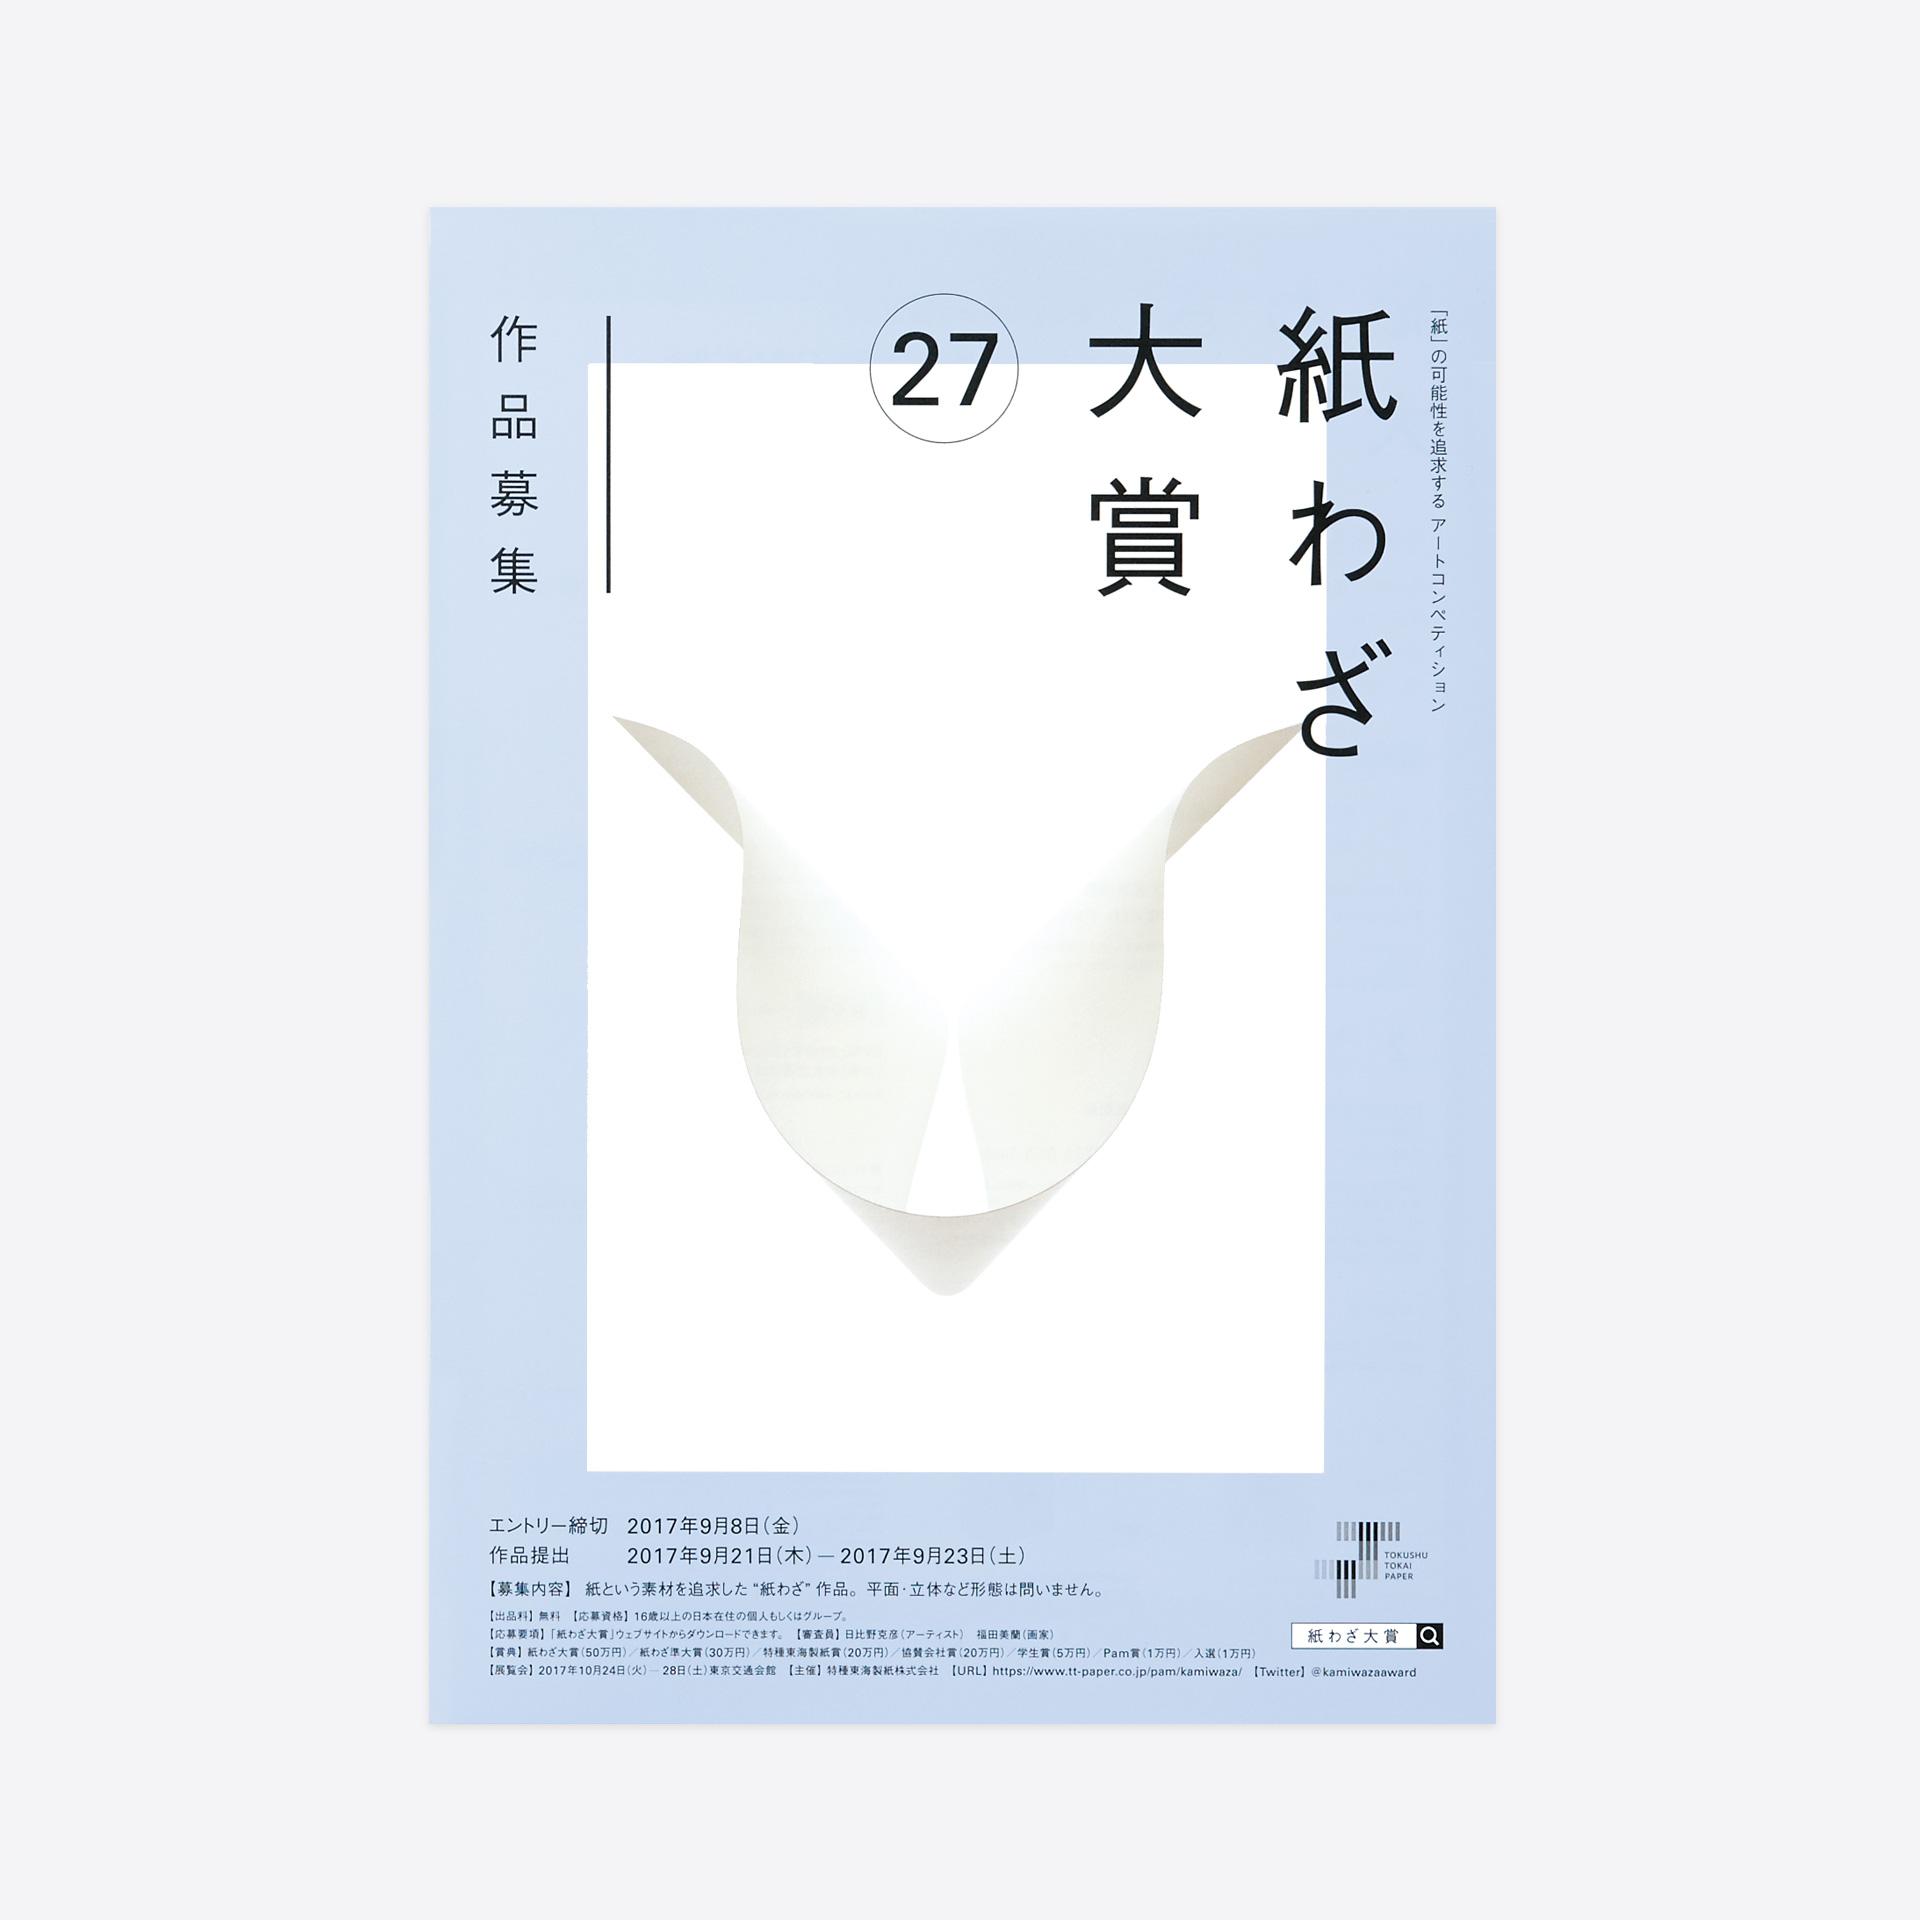 紙わざ大賞 27 作品募集